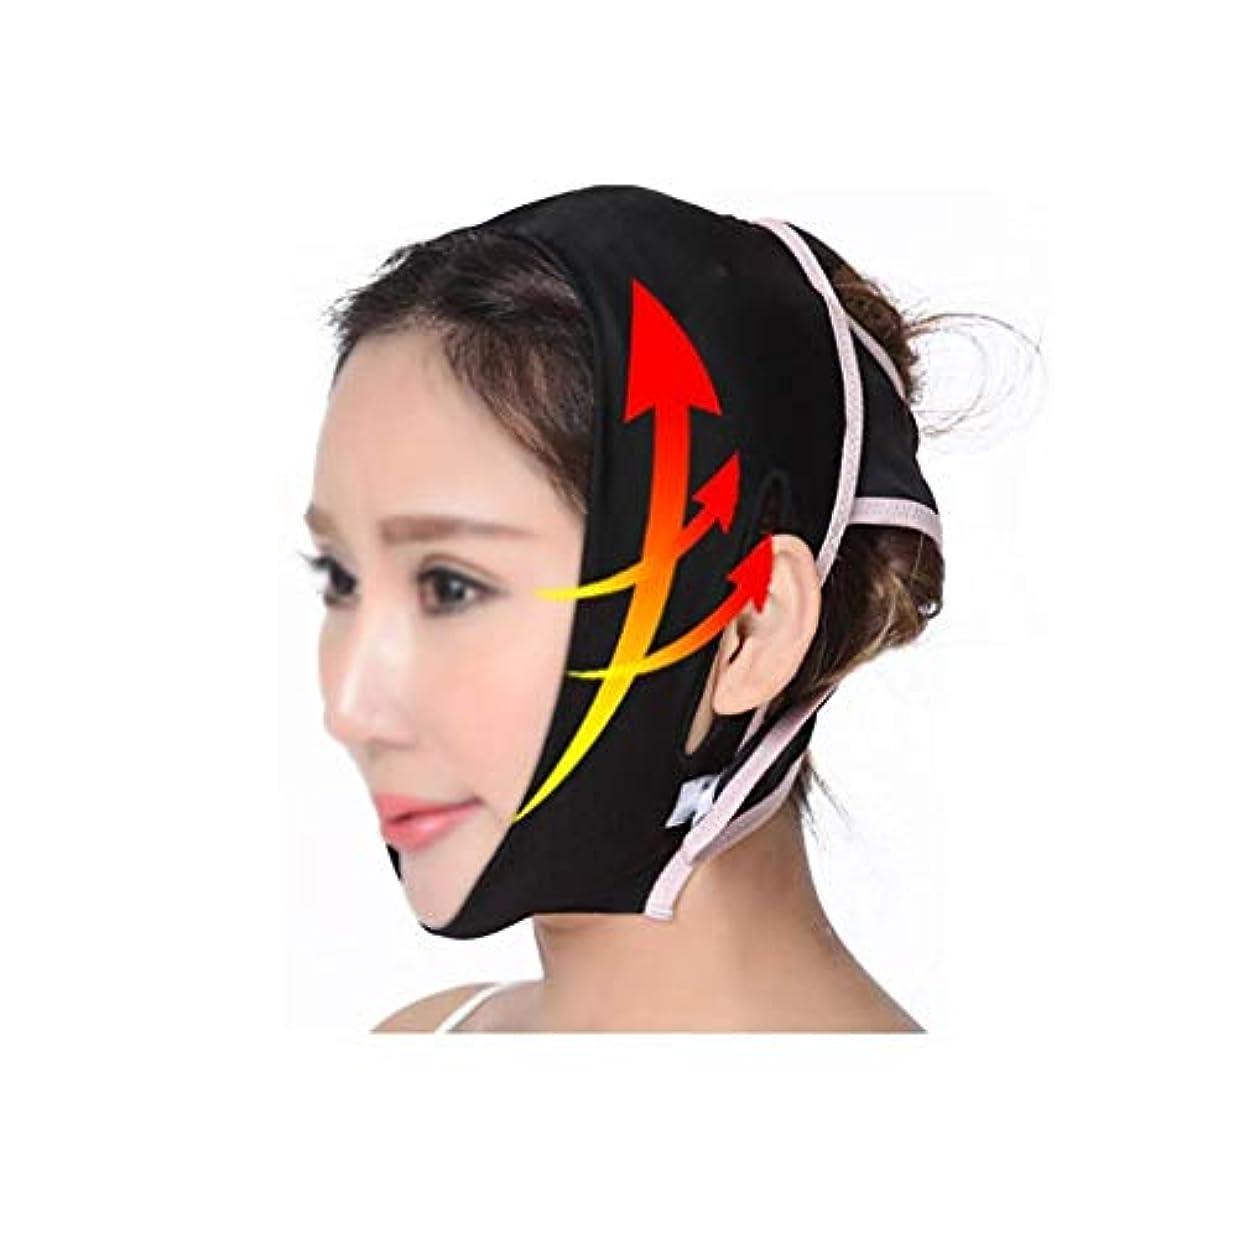 アレンジオーバーランペックフェイスリフトマスク、フェイシャルマスク睡眠顔整形顔包帯顔リフティングV顔顔アーティファクト回復通気性ネックストラップ(サイズ:M)